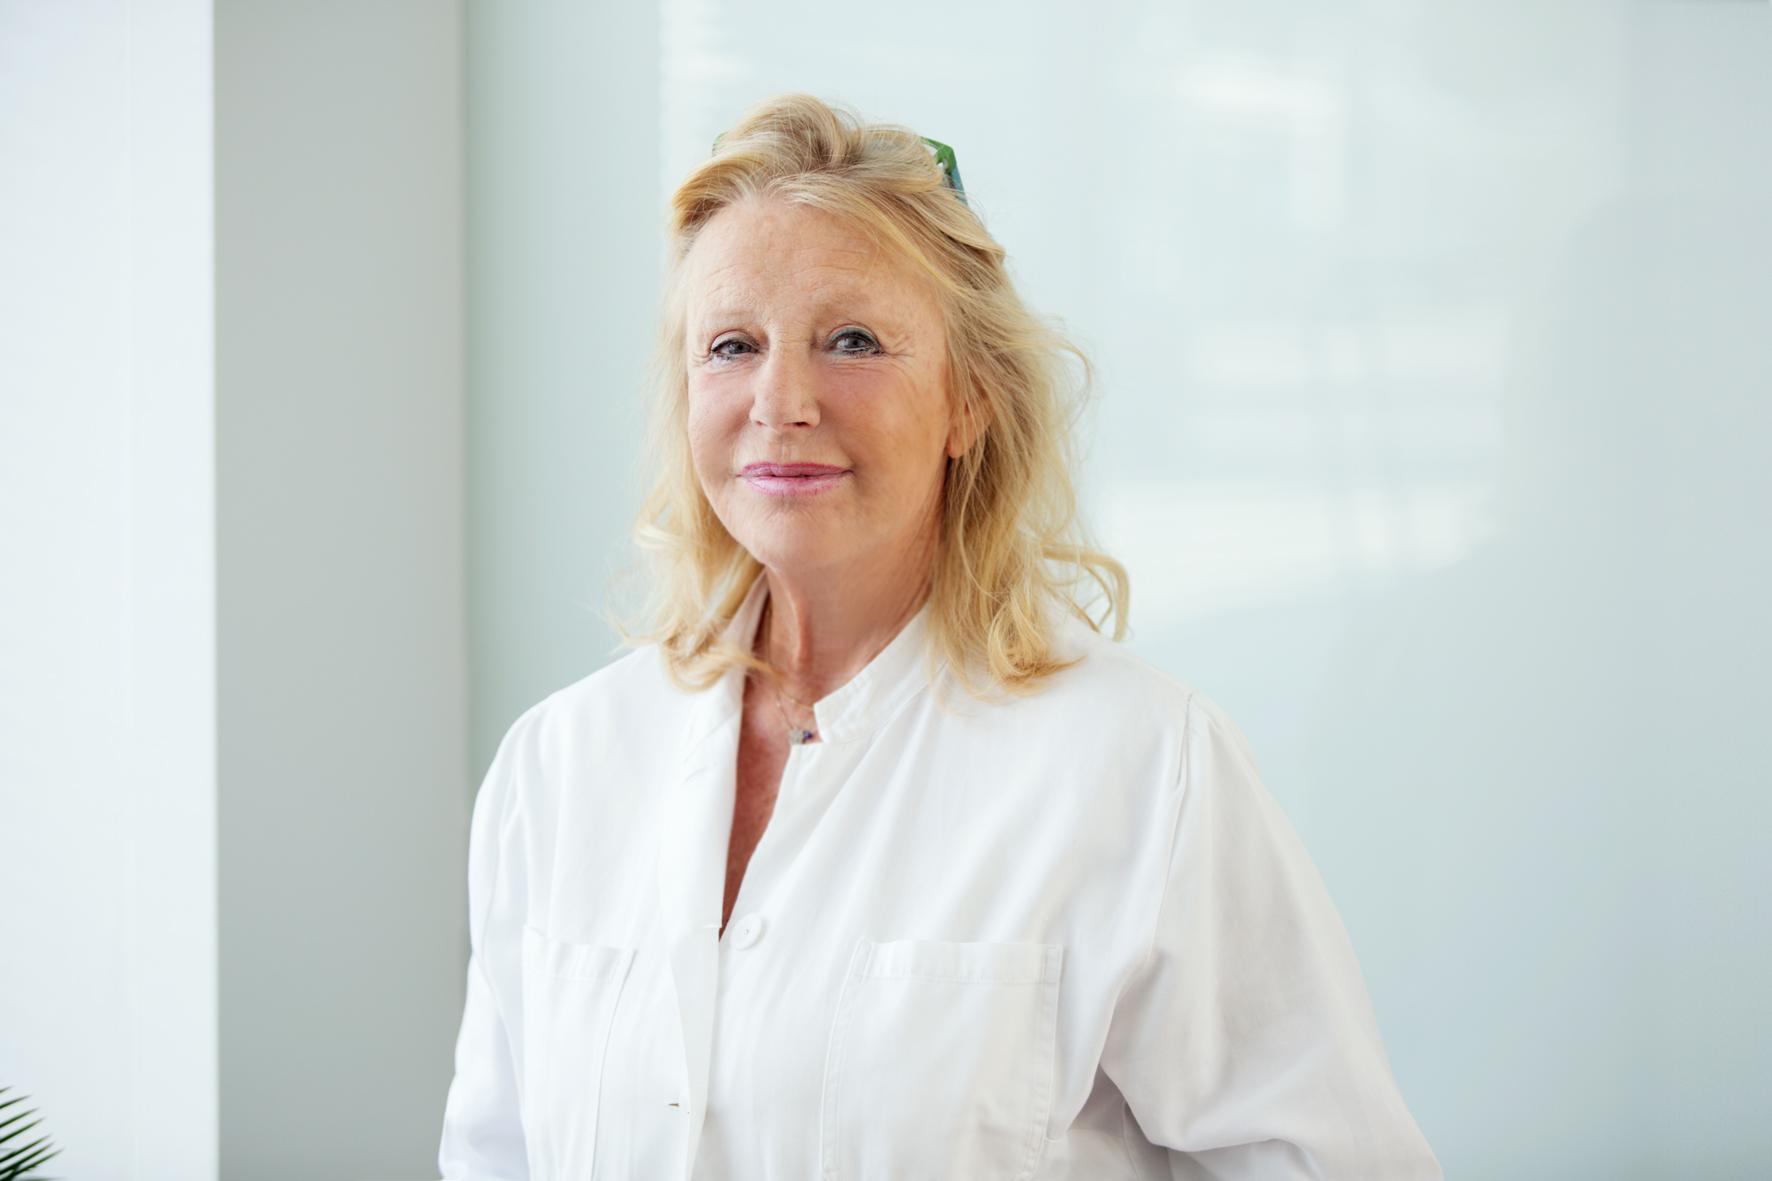 Dr. Gudrun Abbushi